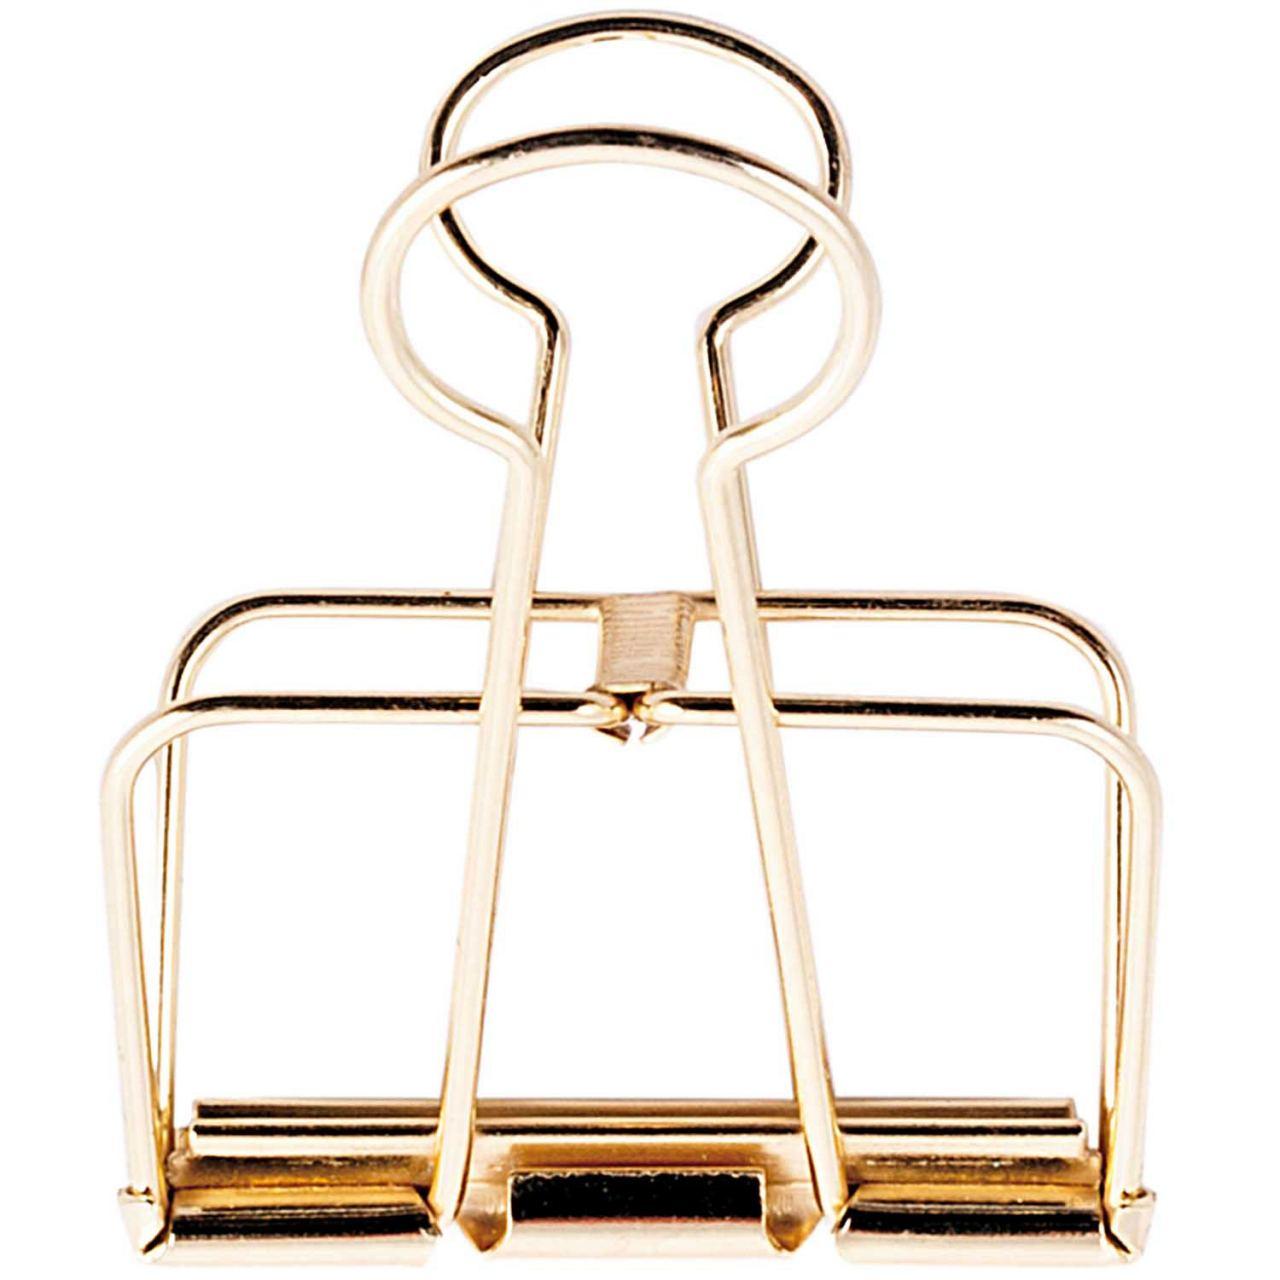 Wire Clip 51 cm Gold